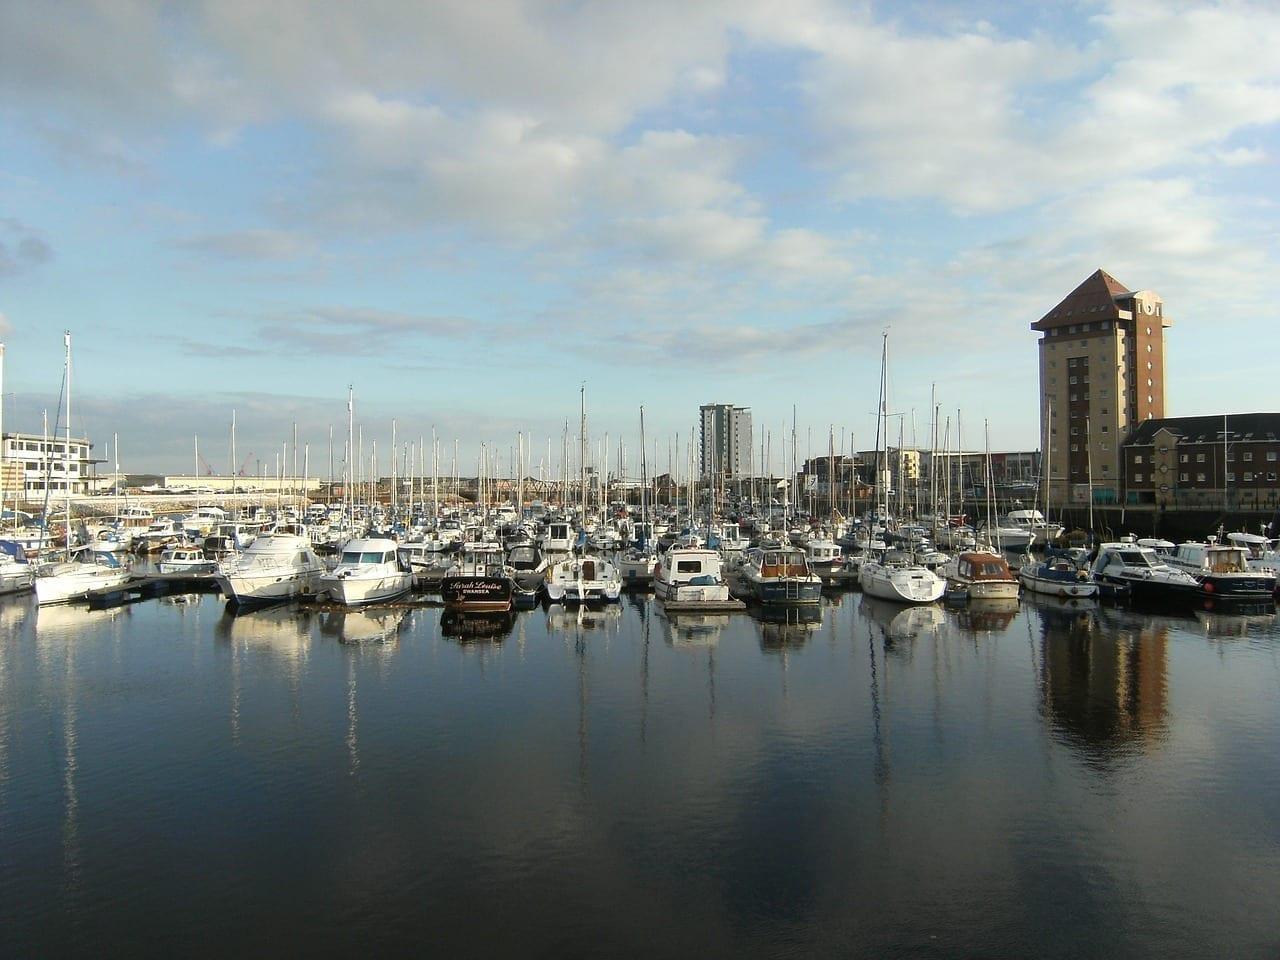 Marina De Swansea El Agua Barcos Reino Unido